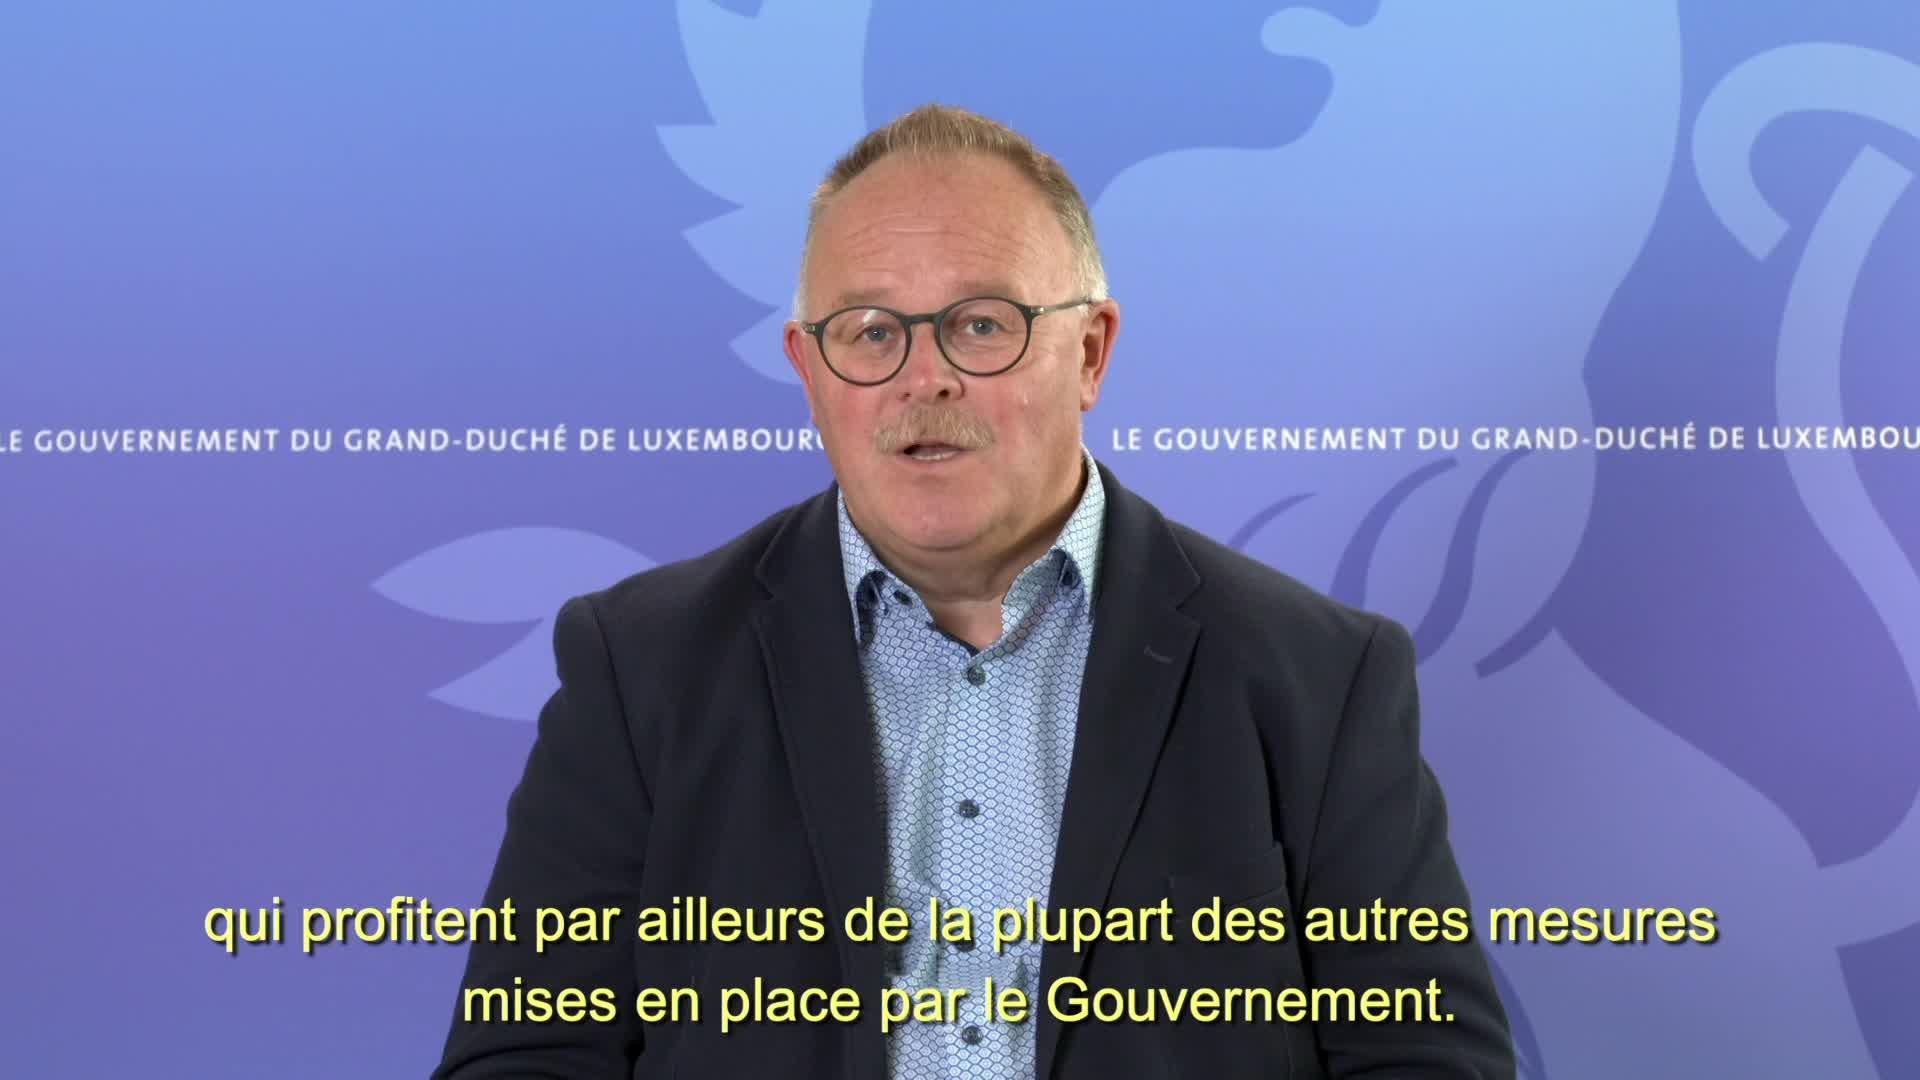 Covid-19 : Le ministre de l'Agriculture, de la Viticulture et du Développement rural, Romain Schneider, informe